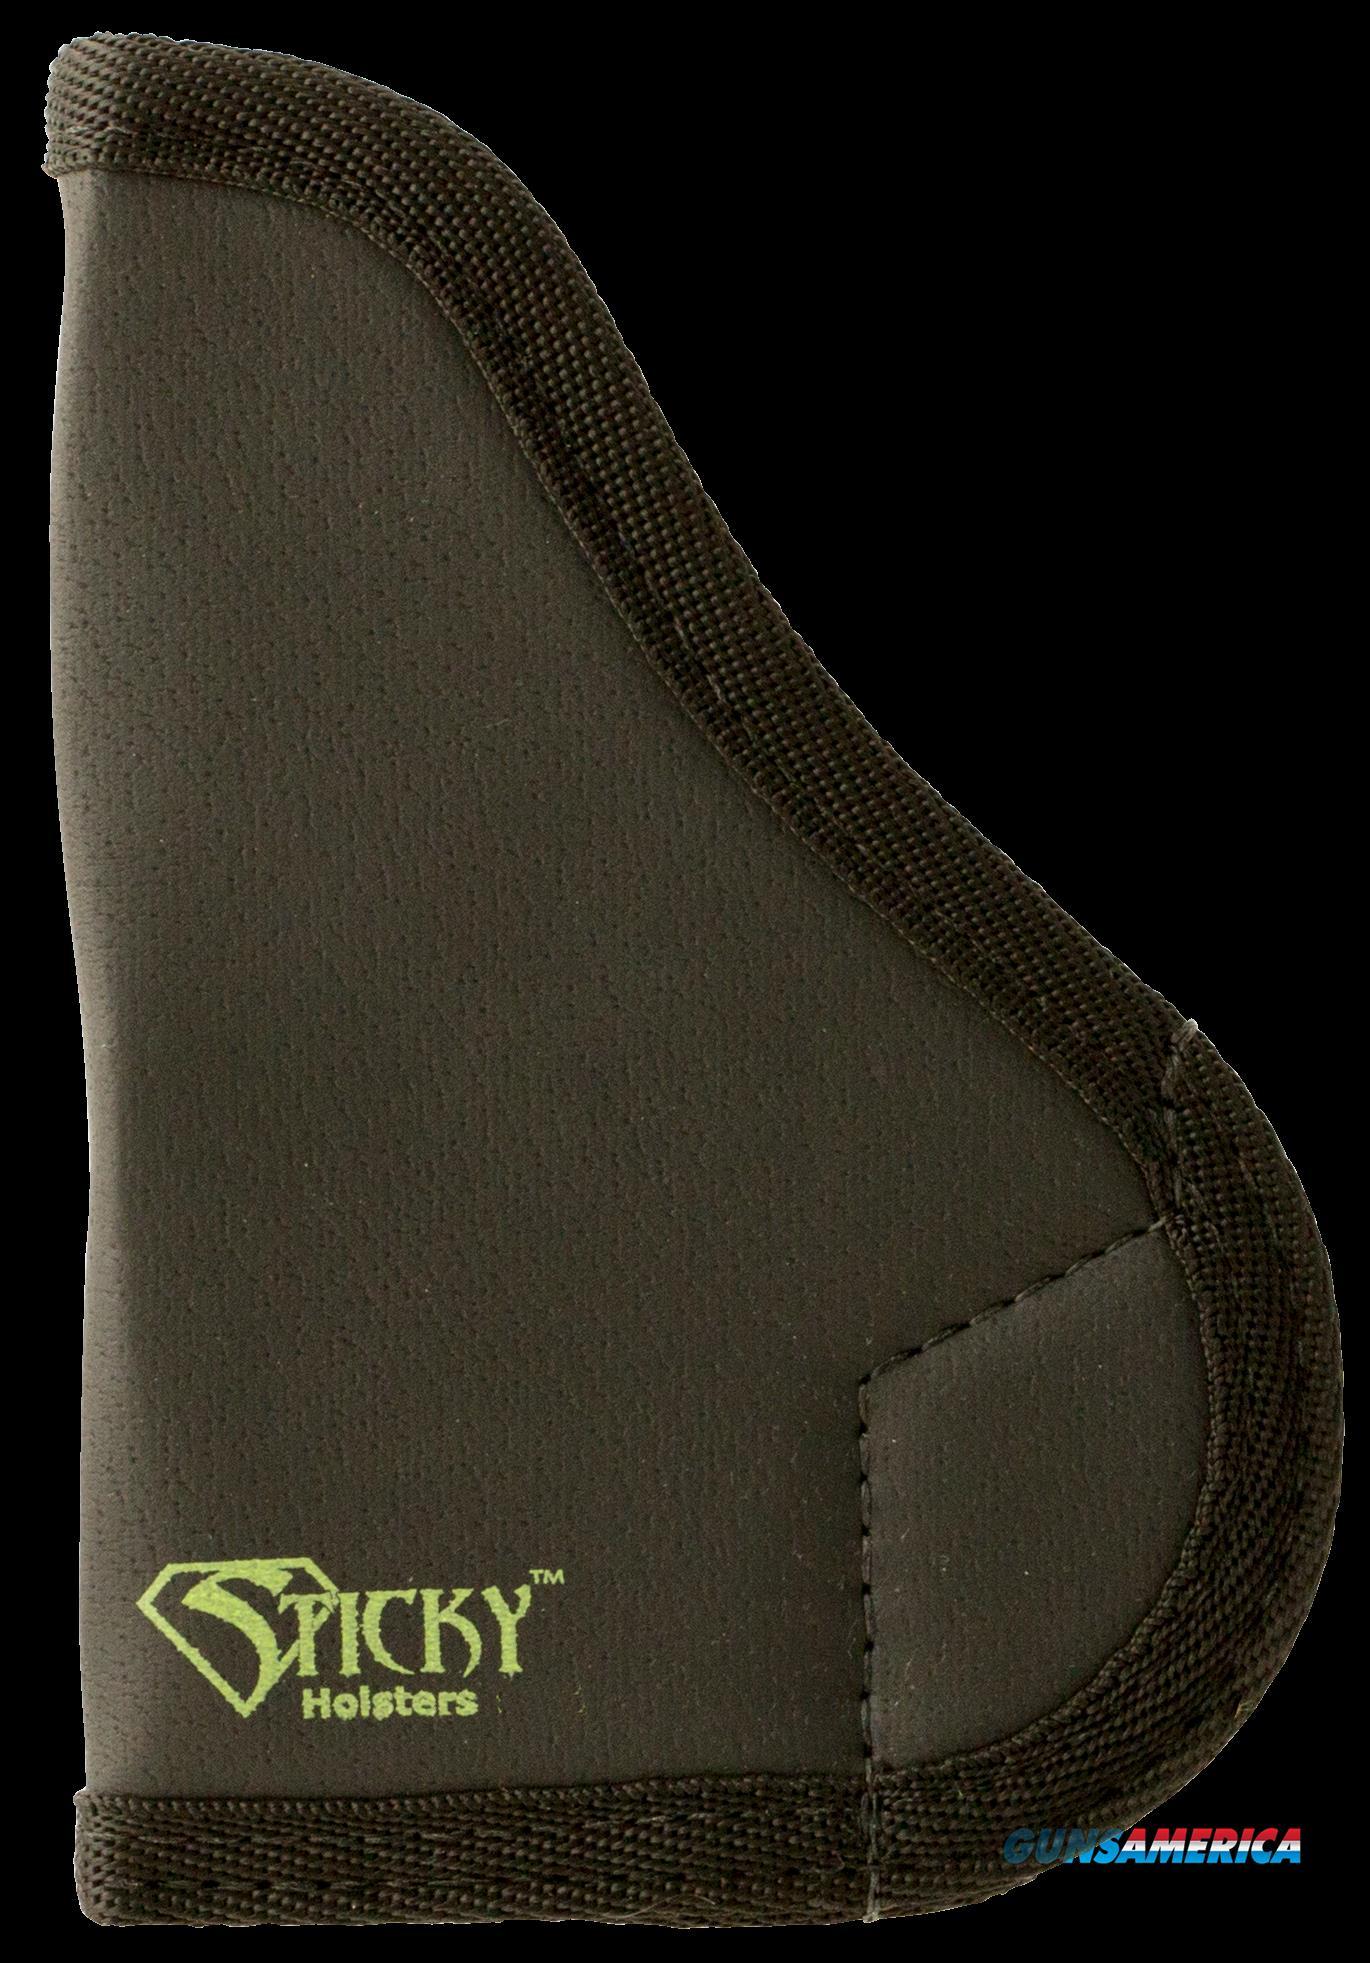 Sticky Holsters Sm-4, Sticky Sm-4        Hlstr Tau Curve  Guns > Pistols > 1911 Pistol Copies (non-Colt)